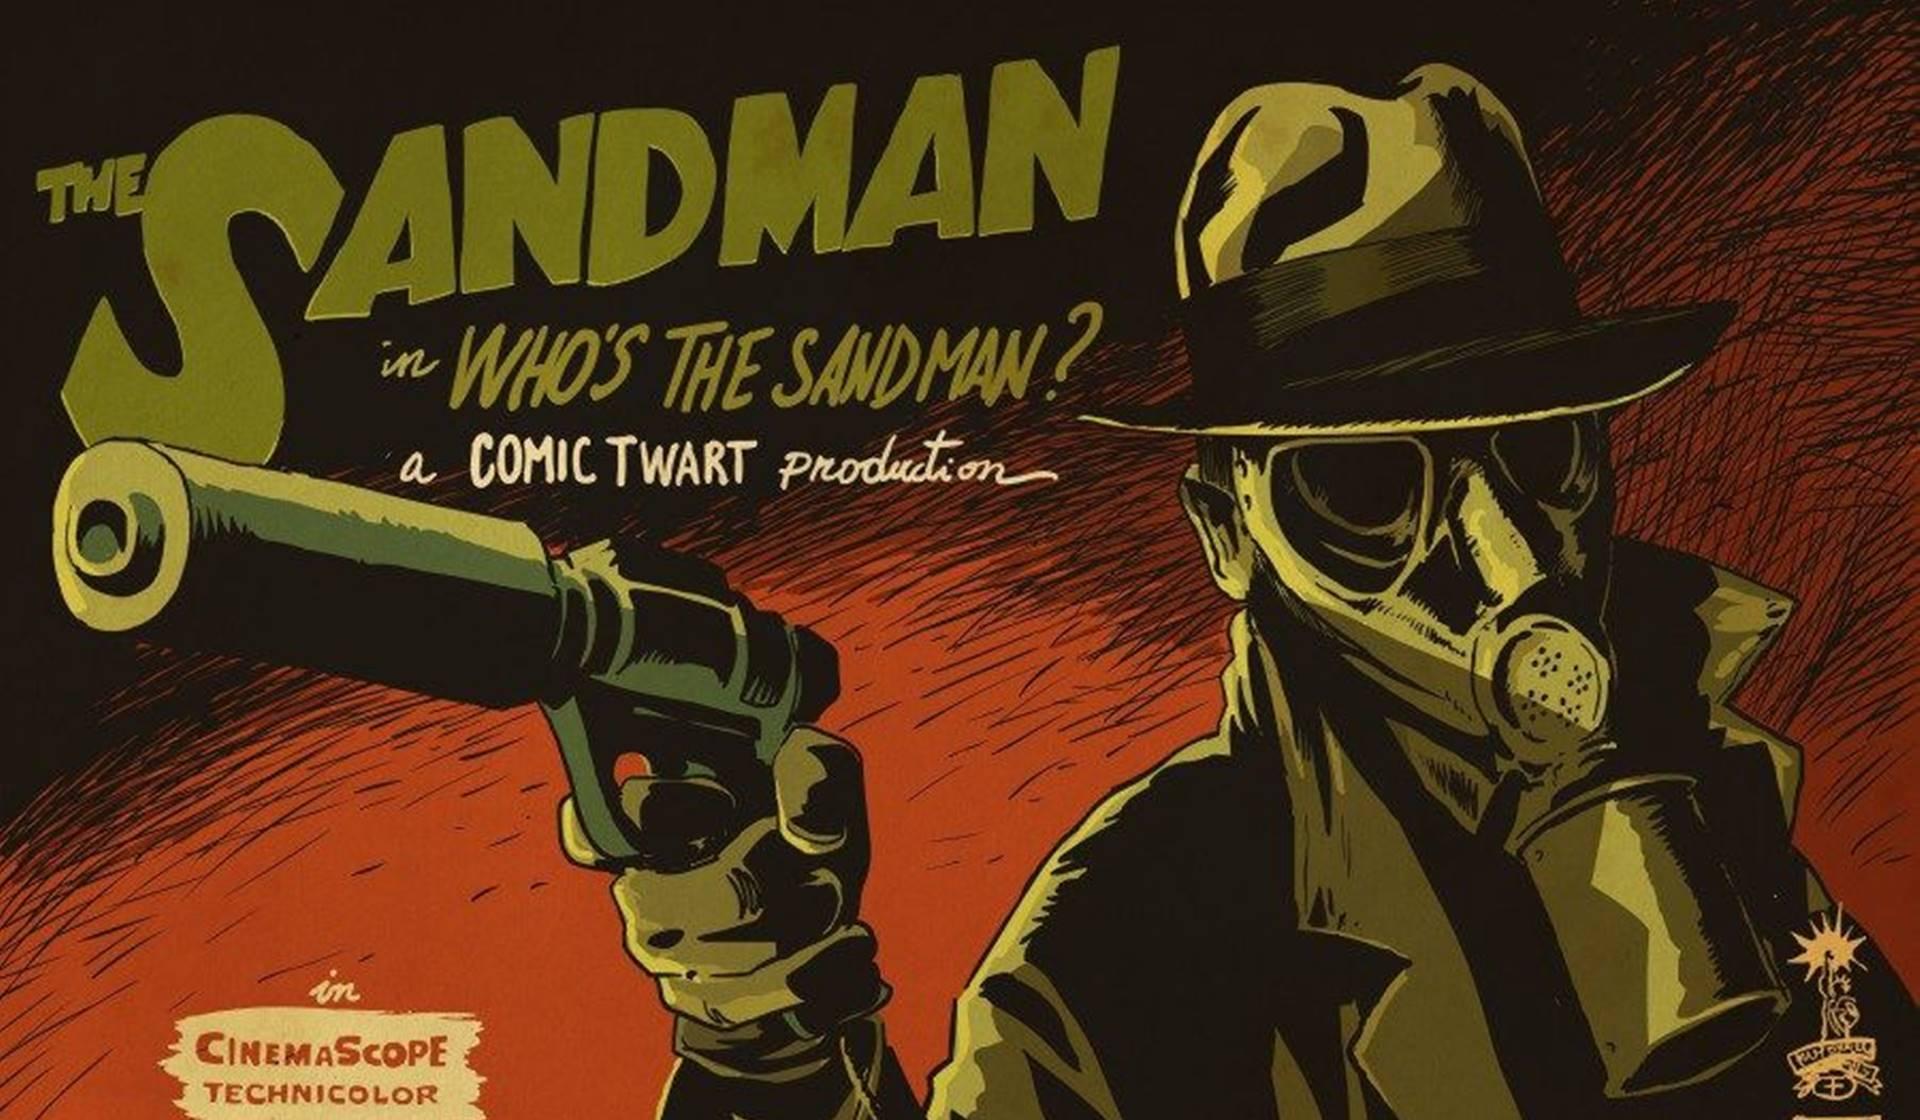 Sandman, Teatro de Misterio de Matt Wagner